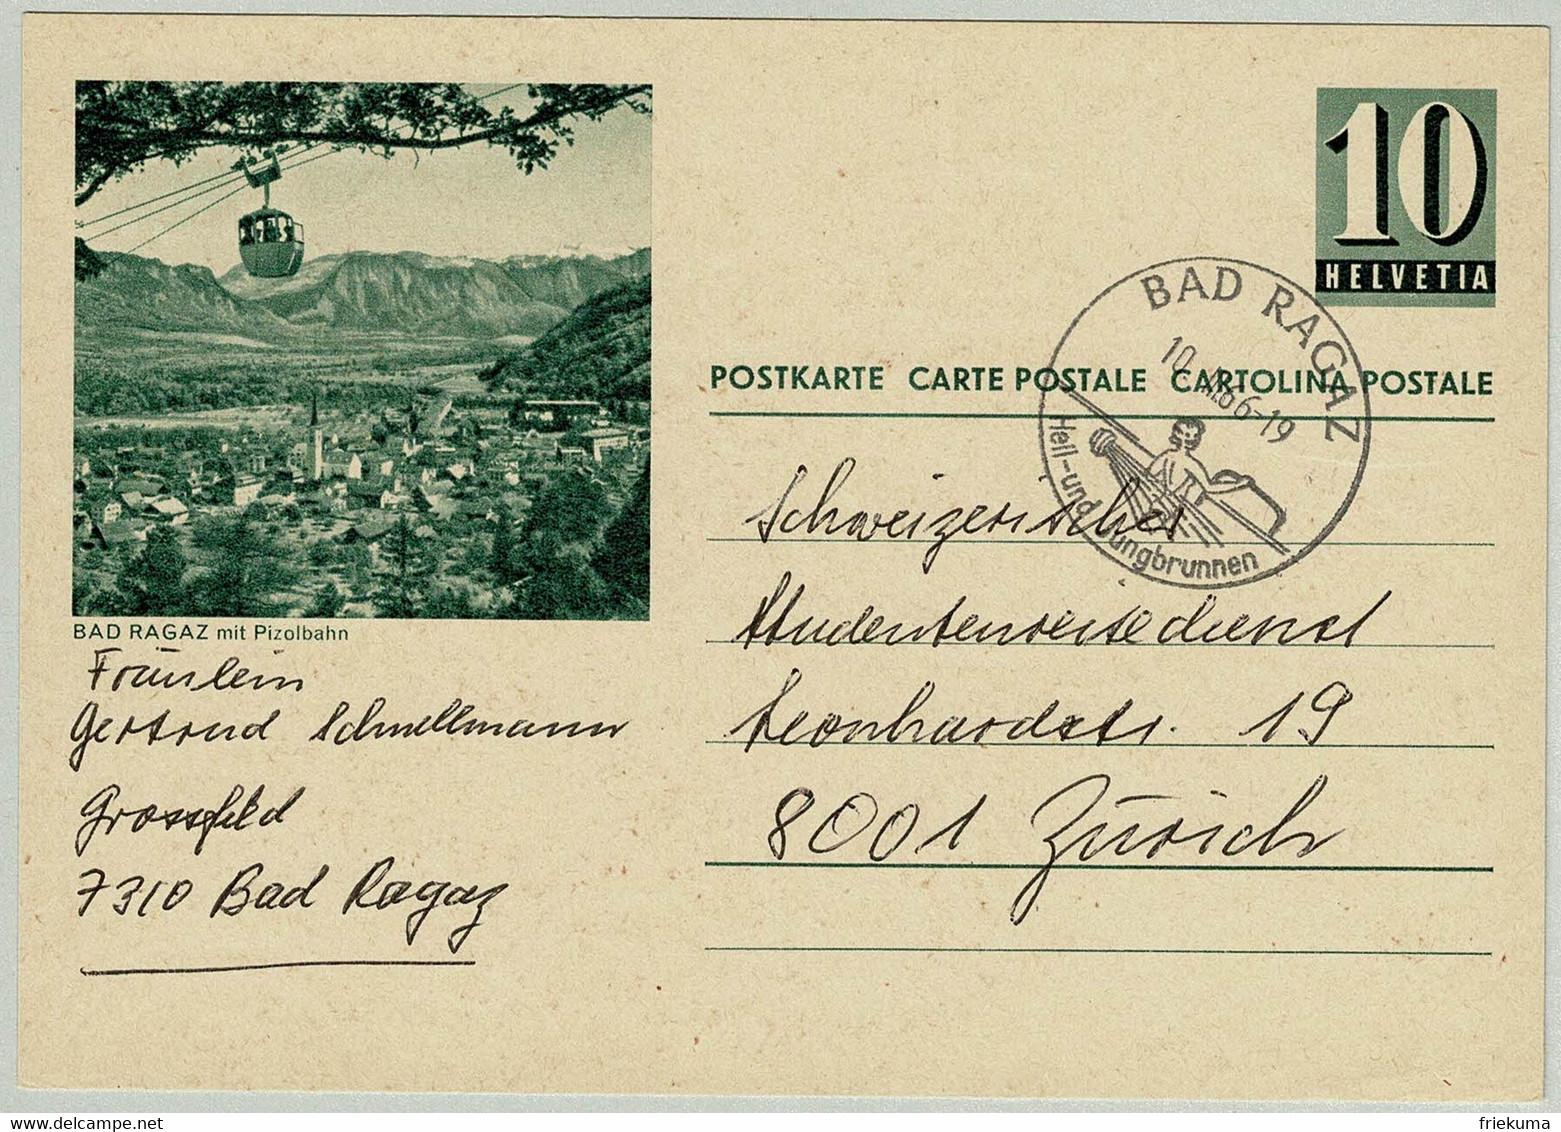 Schweiz / Helvetia 1966, Bildpostkarte Bad Ragaz Mit Pizolbahn Bad Ragaz - Zürich, Übereinstimmung Bild / Stempel - Hydrotherapy